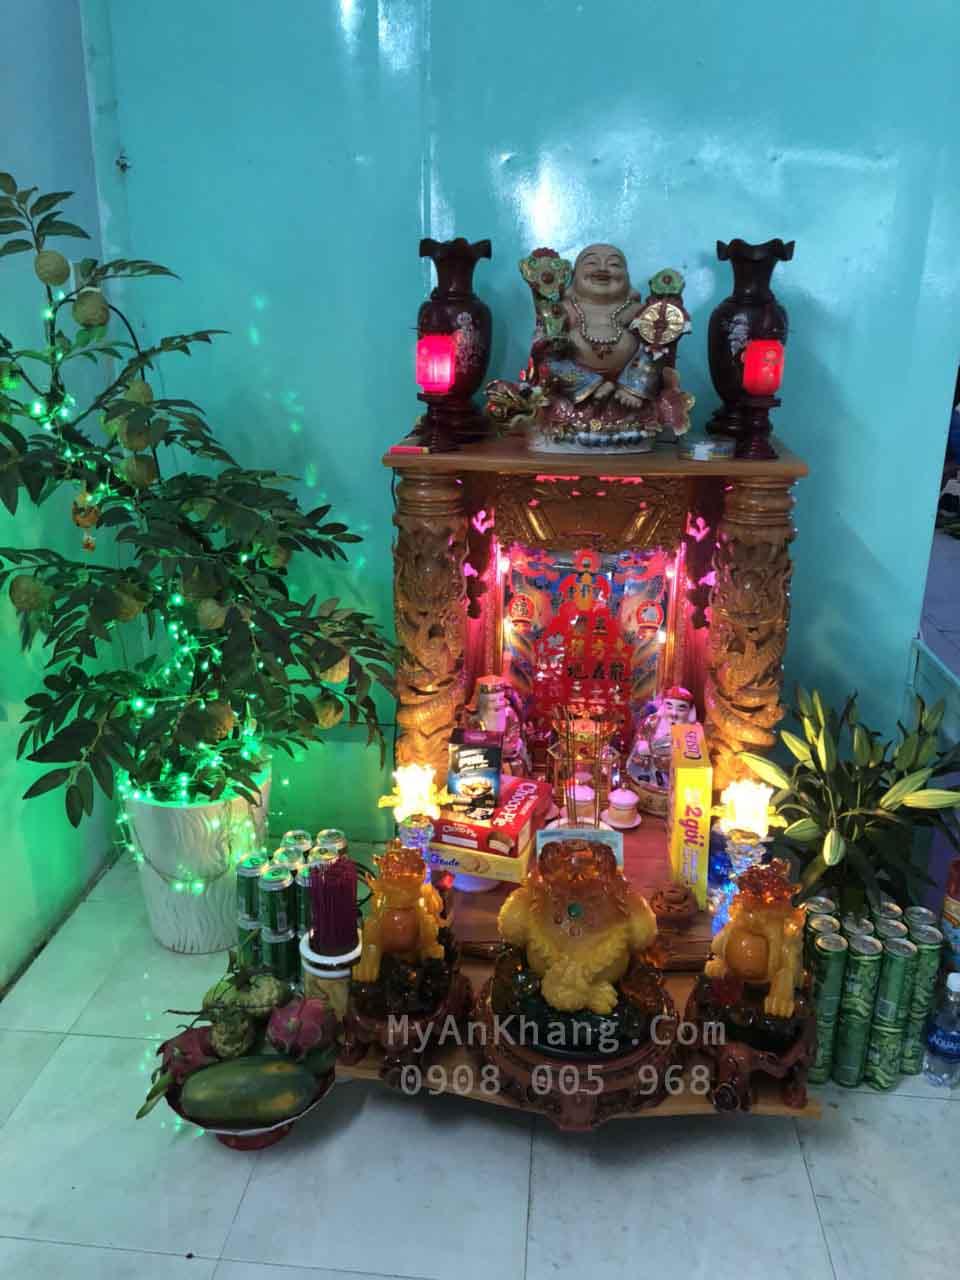 Bàn thờ ông địa thần tài đẹp tại Tiền Giang